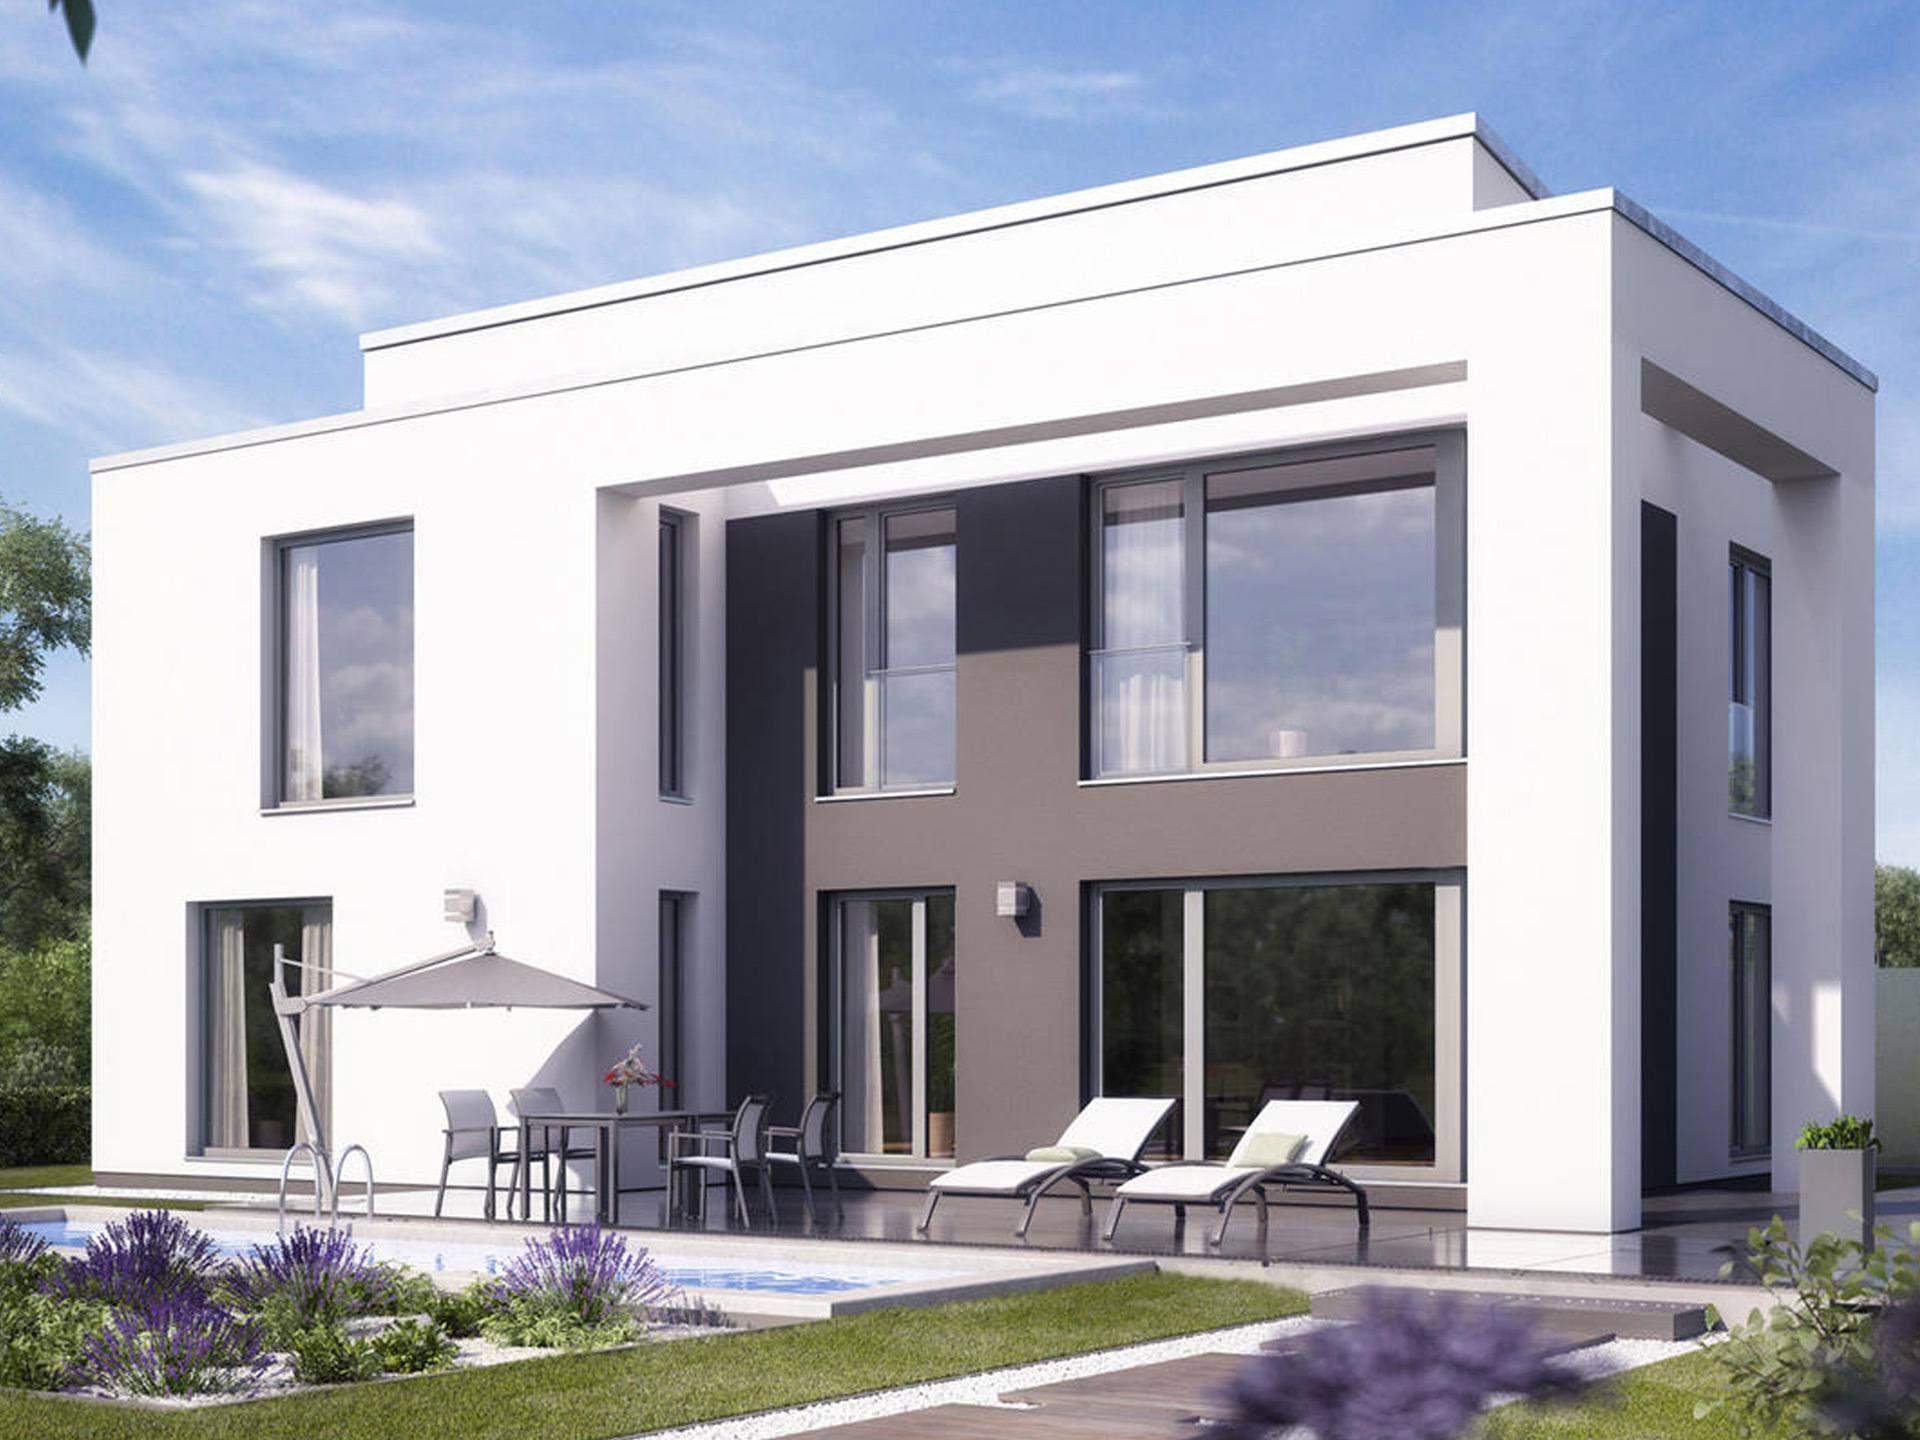 cirro bauhaus cubus von heinz von heiden exklusives einfamilienhaus mit raumhohen. Black Bedroom Furniture Sets. Home Design Ideas